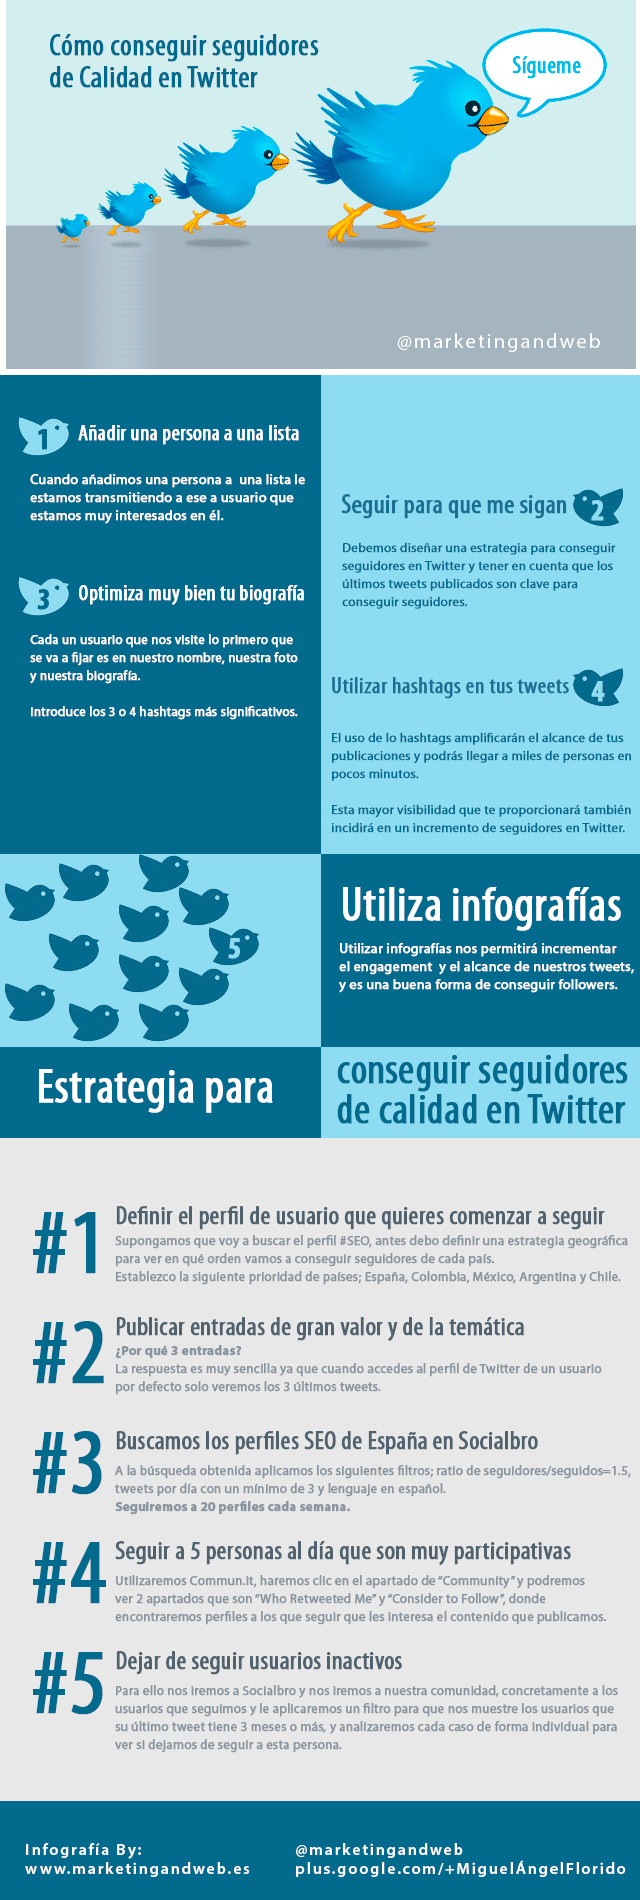 Cómo conseguir seguidores de calidad en Twitter